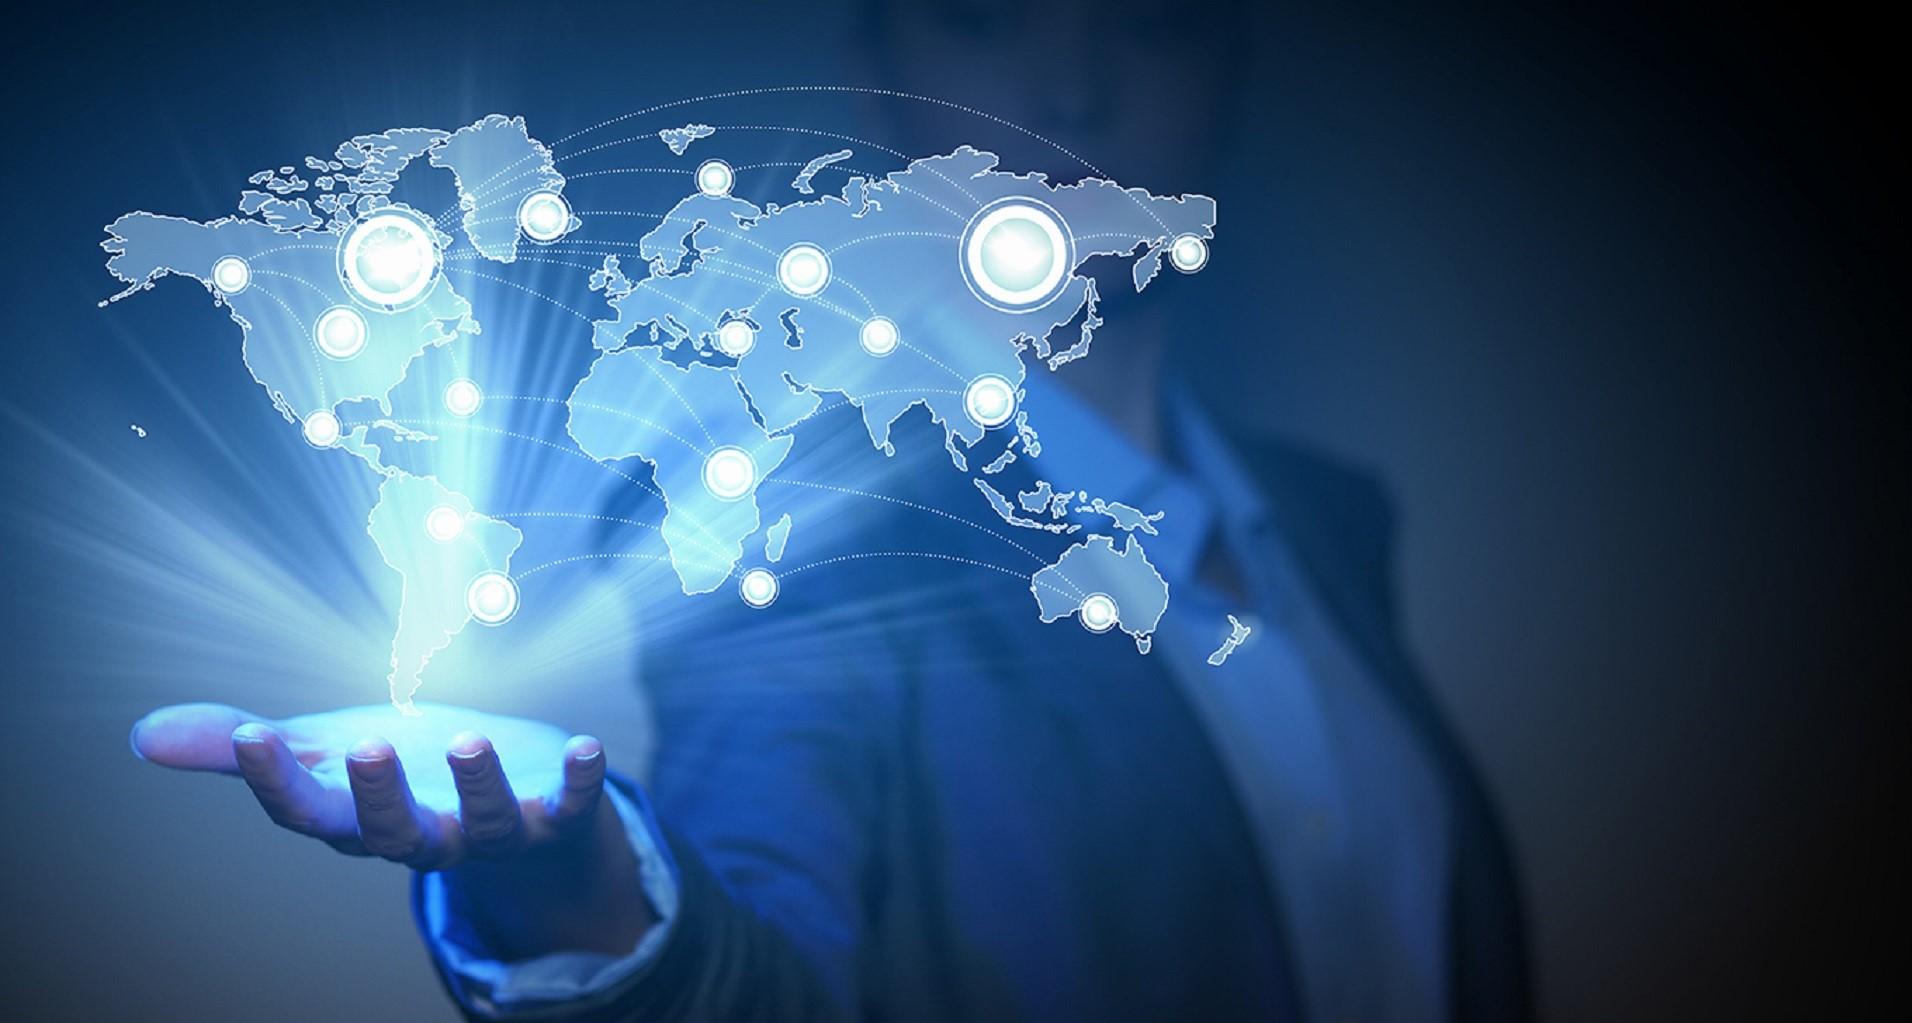 Immagine di persona con in mano un ologramma dei Paesi del Mondo, rappresentante il servizio delle indagini aziendali offerte dall'azienda Verità Legale.